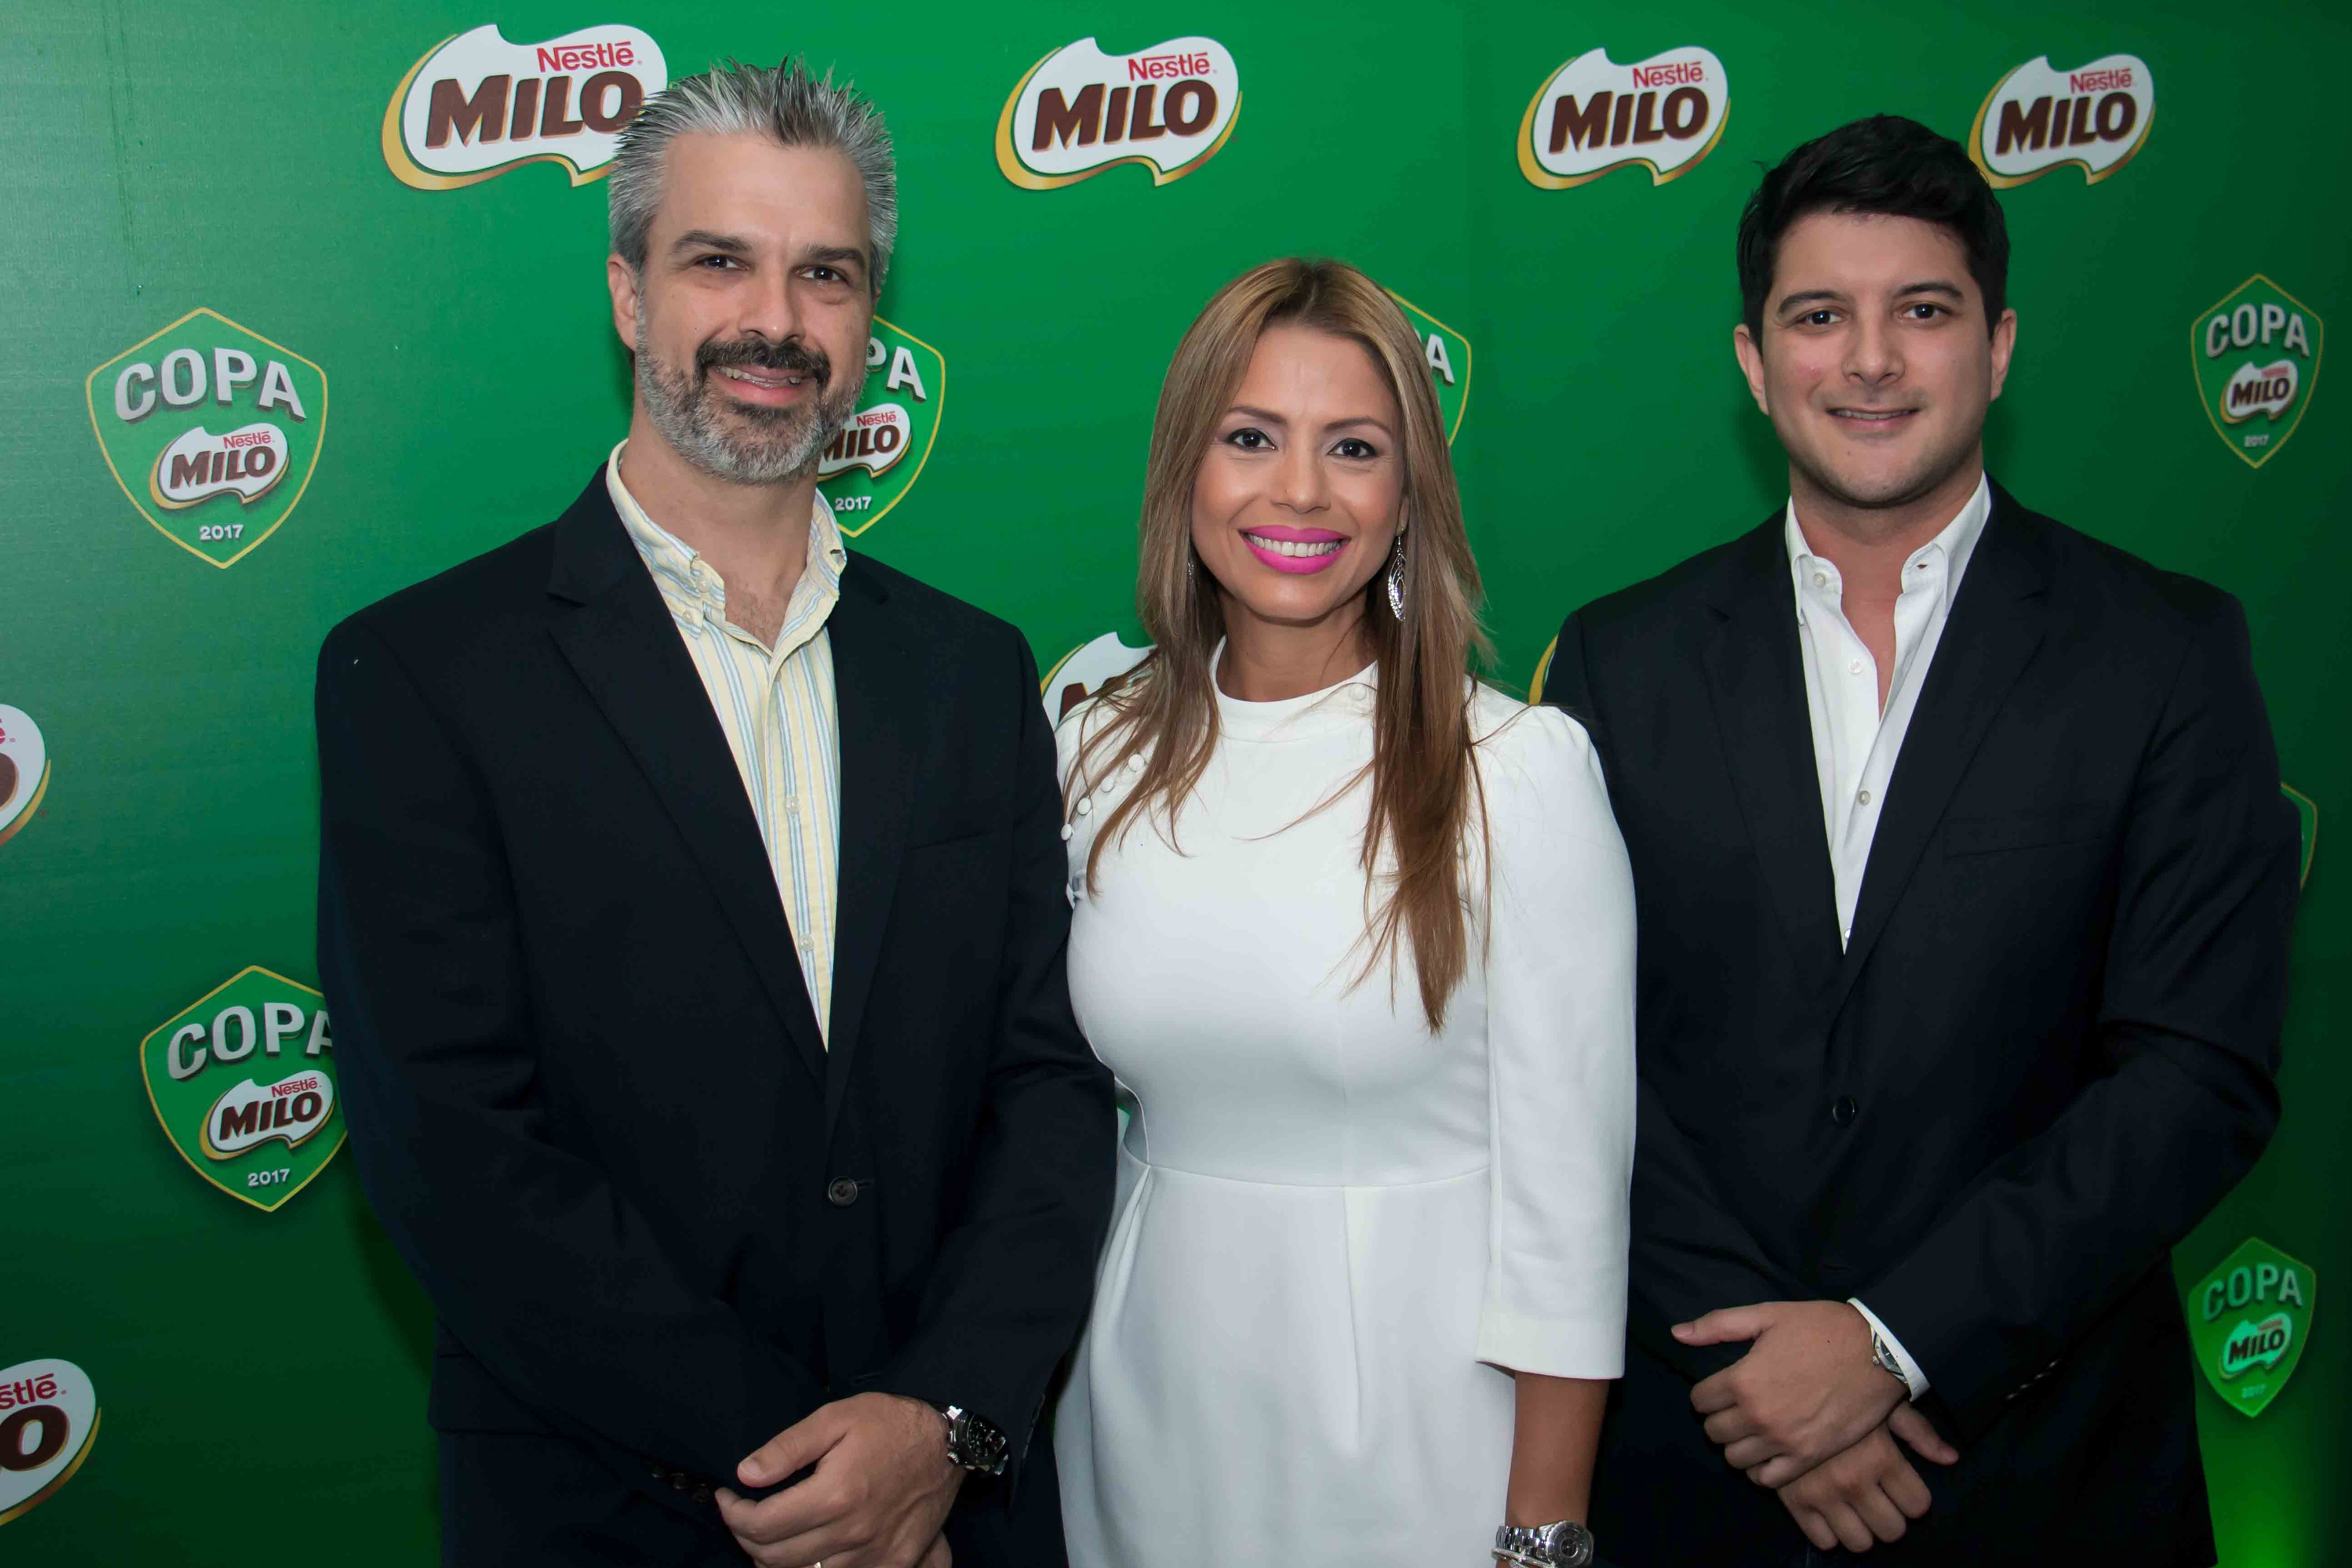 Alejandro Gómez, gerente general de Nestlé Panamá; Susana De Freitas, gerente ejecutiva de Lácteos para Nestlé Centroamérica; Guillermo Ortega, director ejecutivo de Televisora Nacional